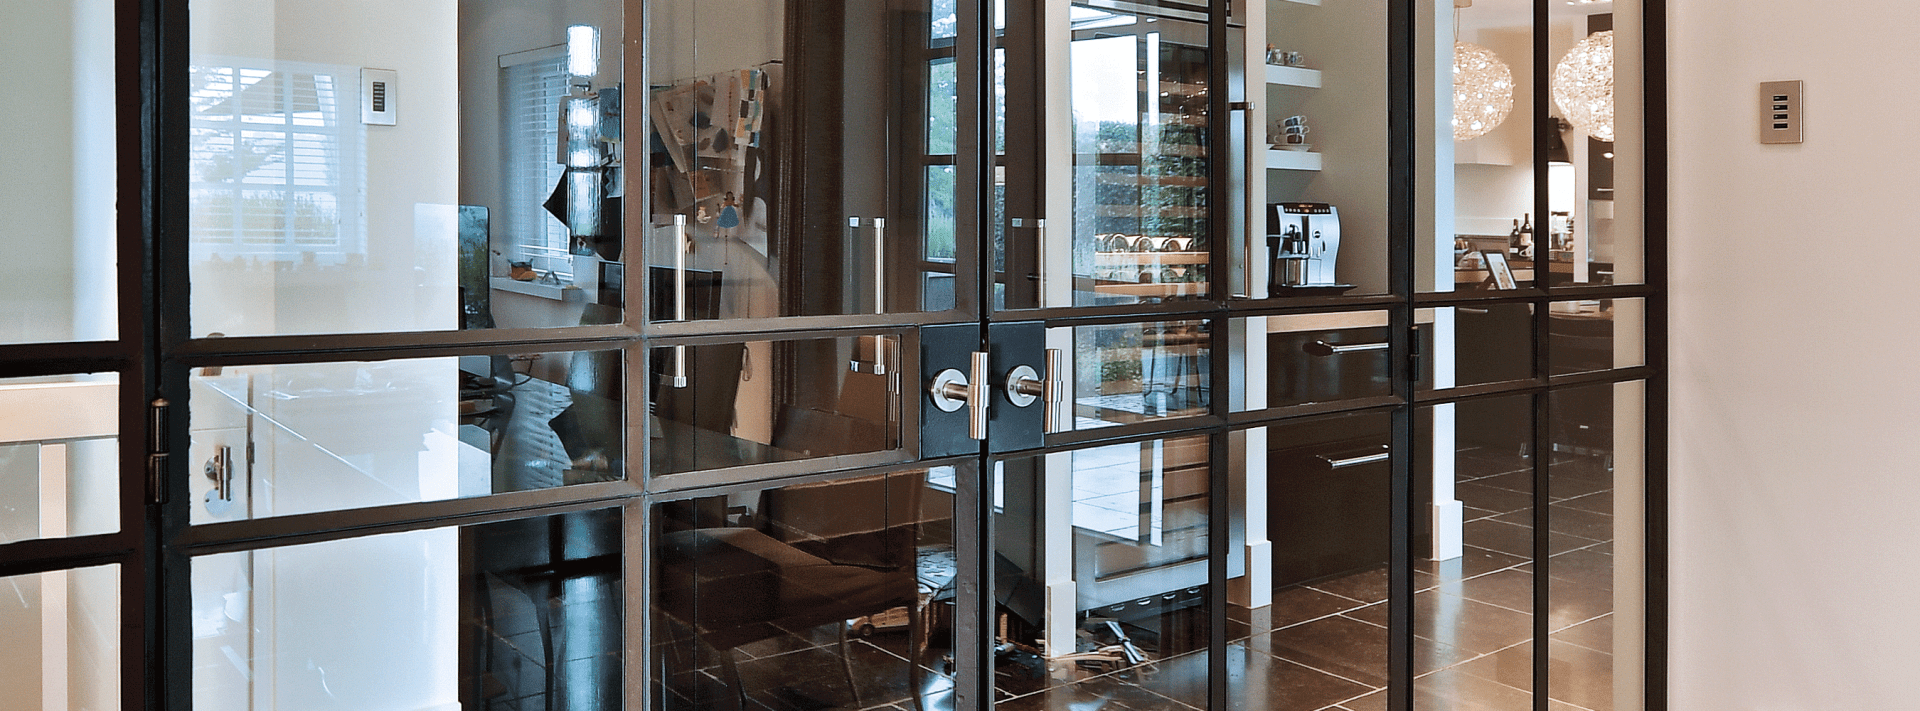 Stalen deuren zijn een echte stijl toevoeging aan je interieur!